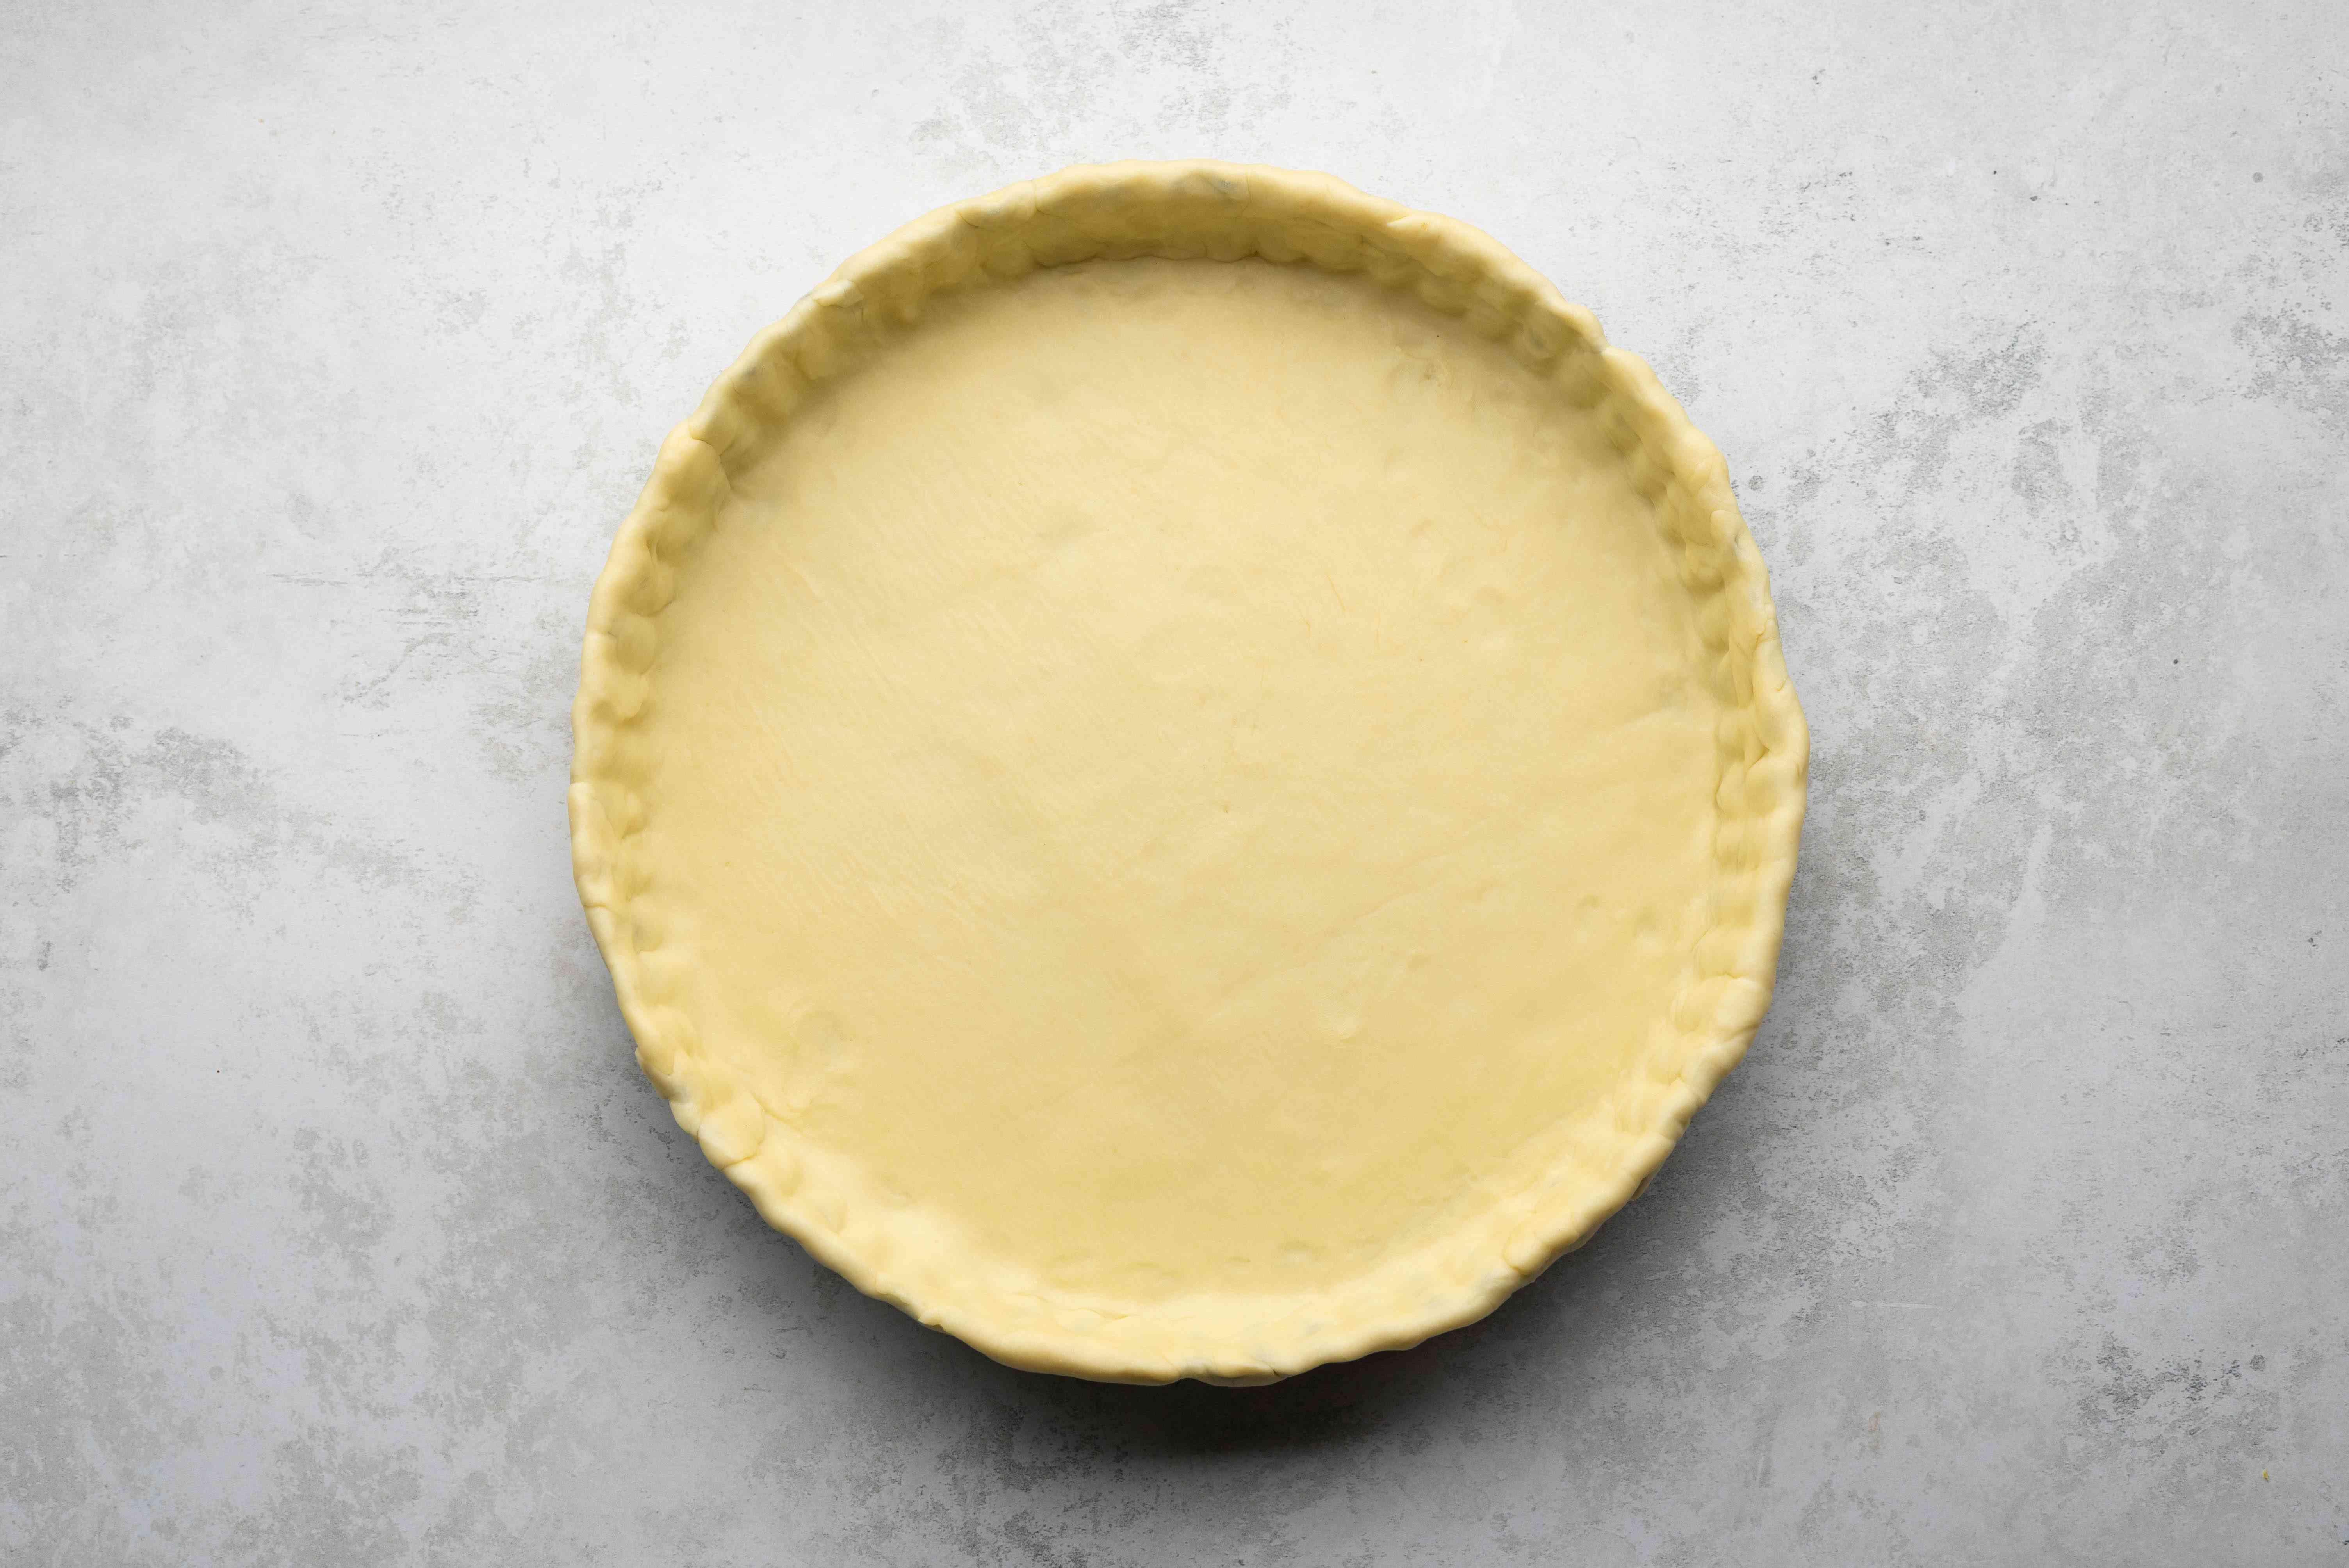 dough in a tart pan